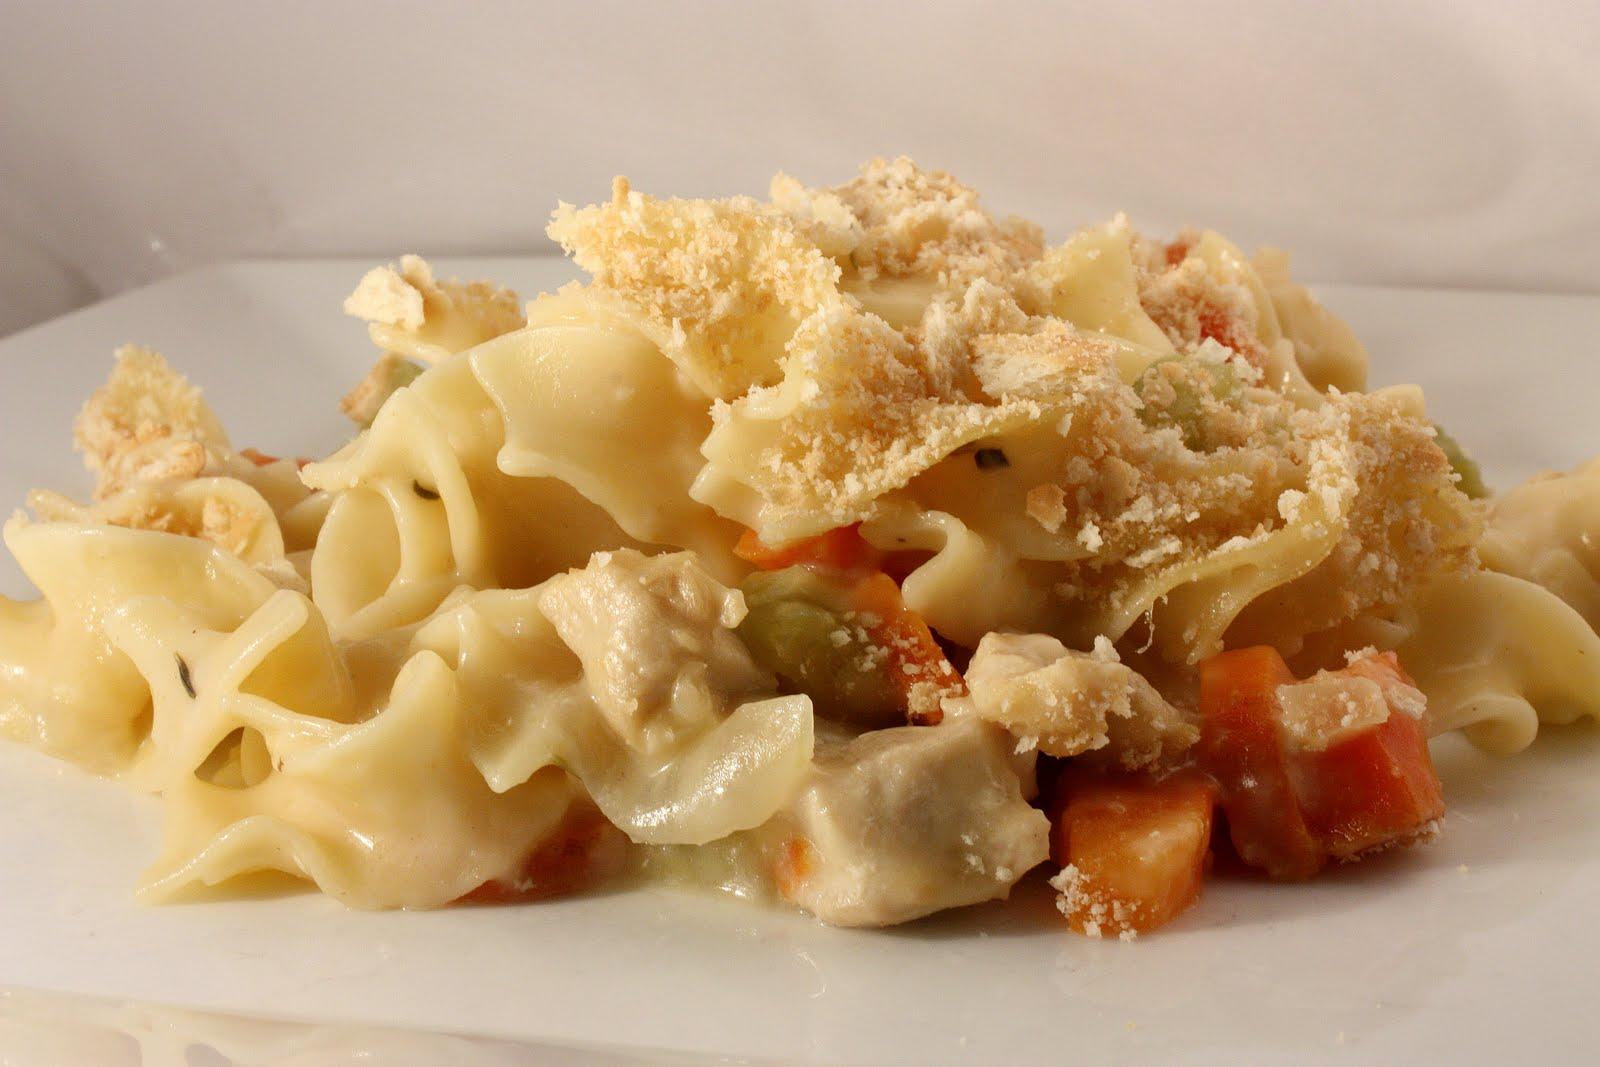 Le Petit Pierogi: Chicken Noodle Casserole